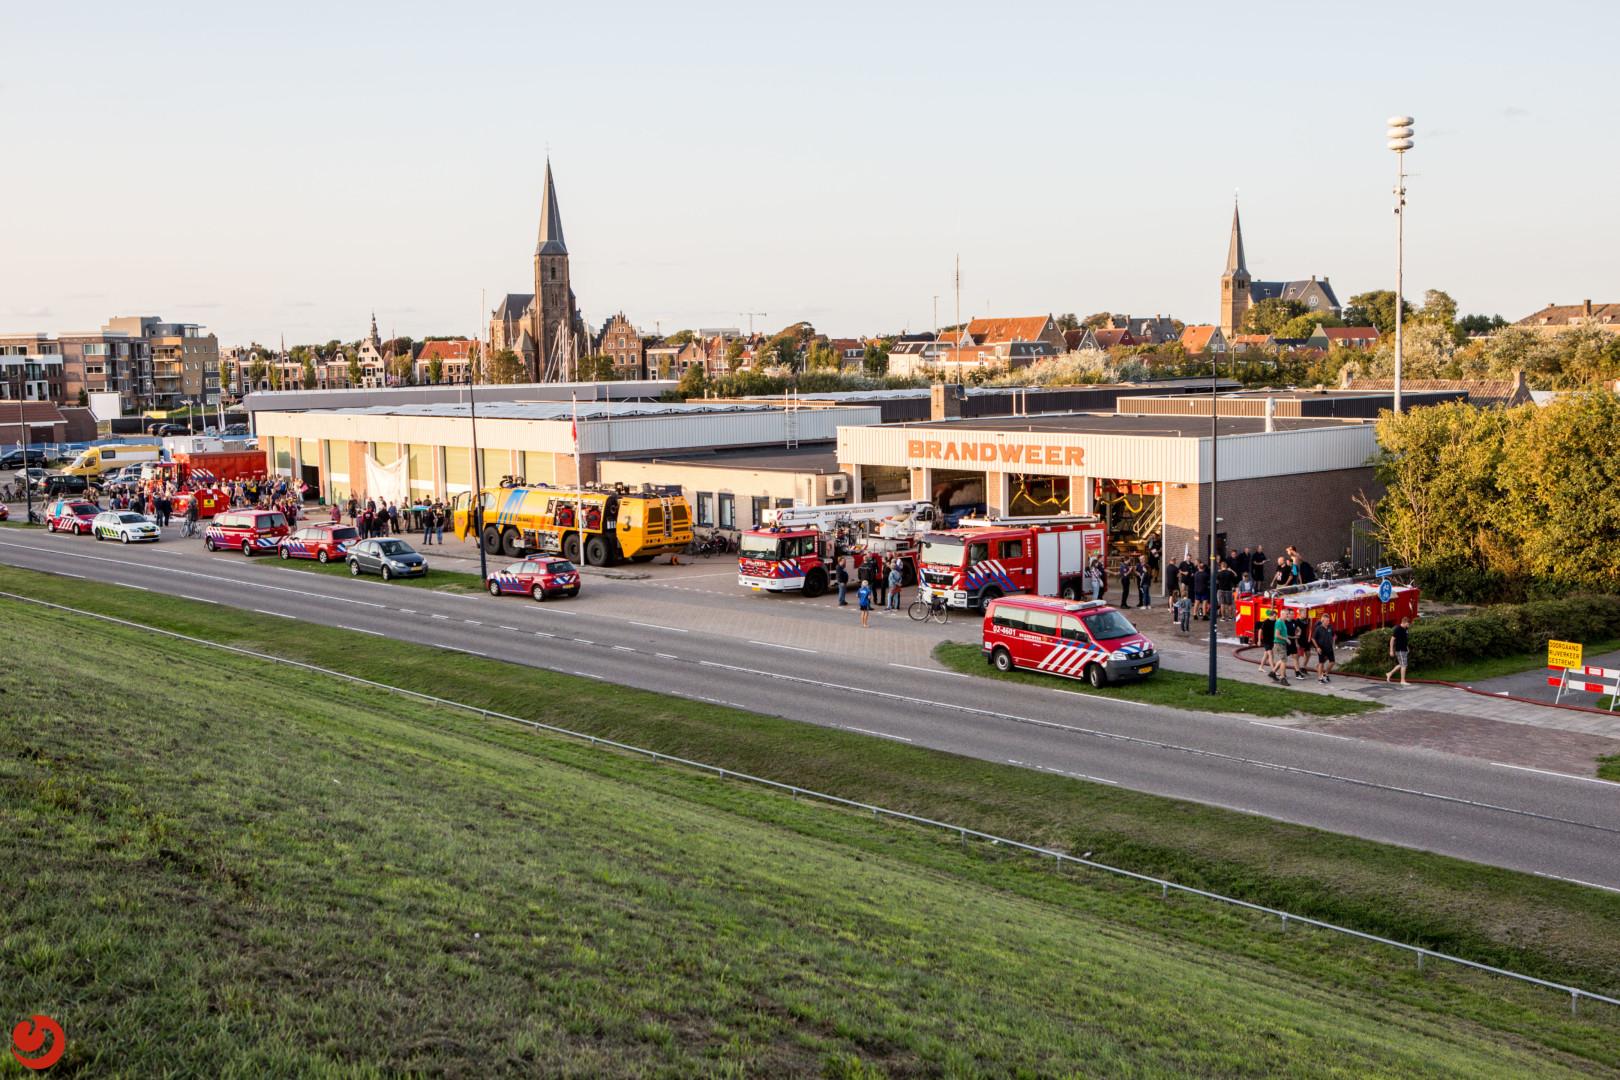 Zeskamp brandweer Harlingen